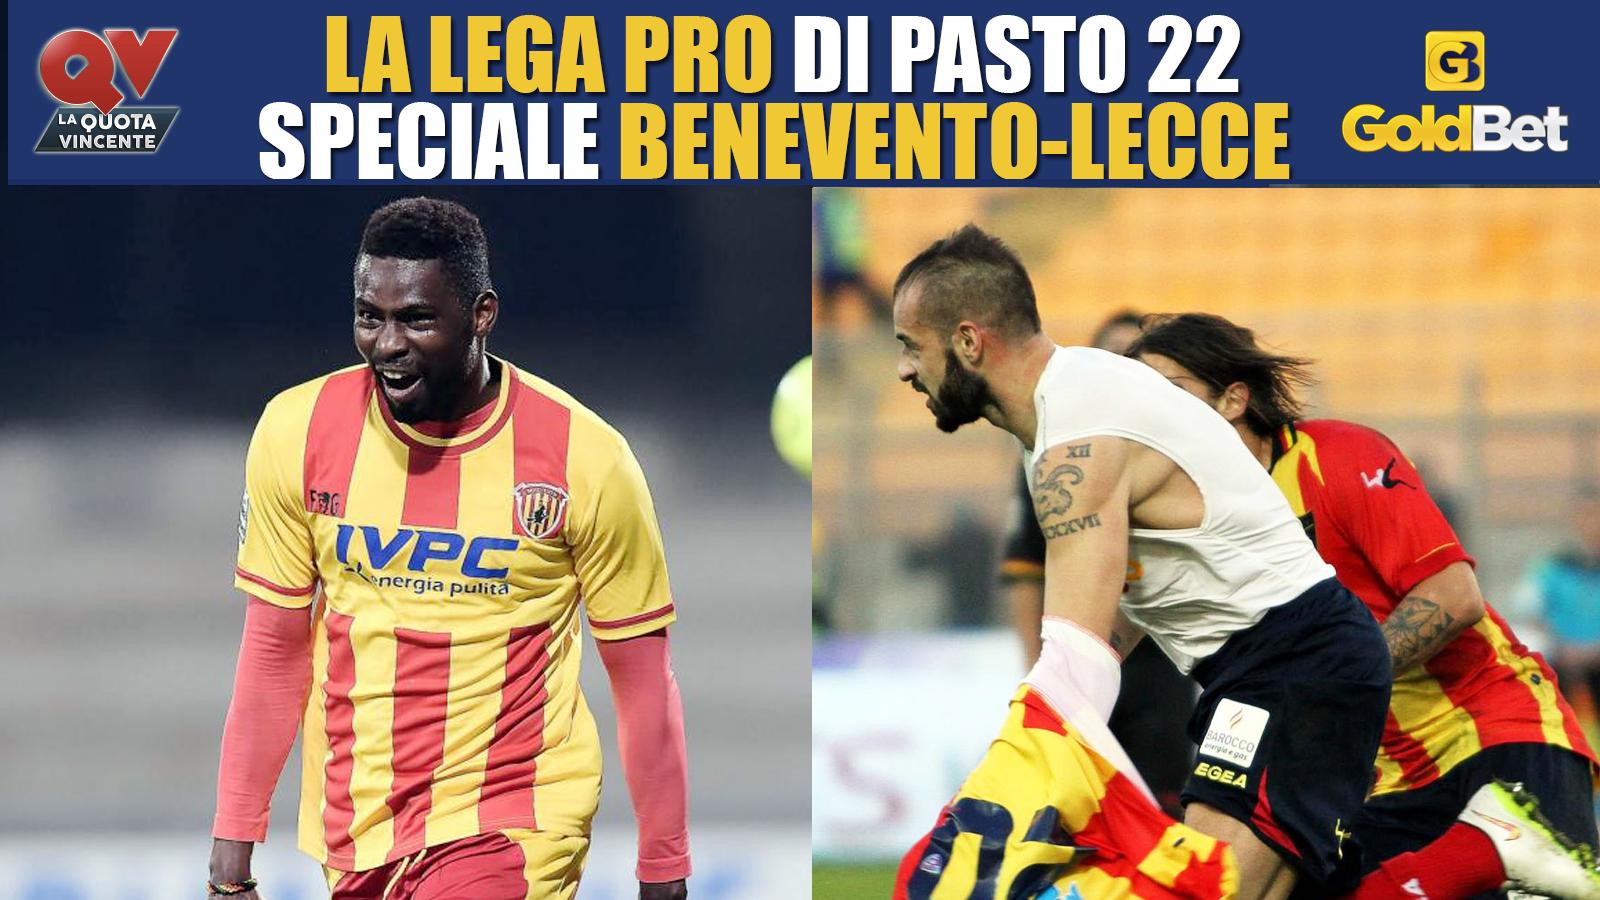 BENEVENTO LECCE